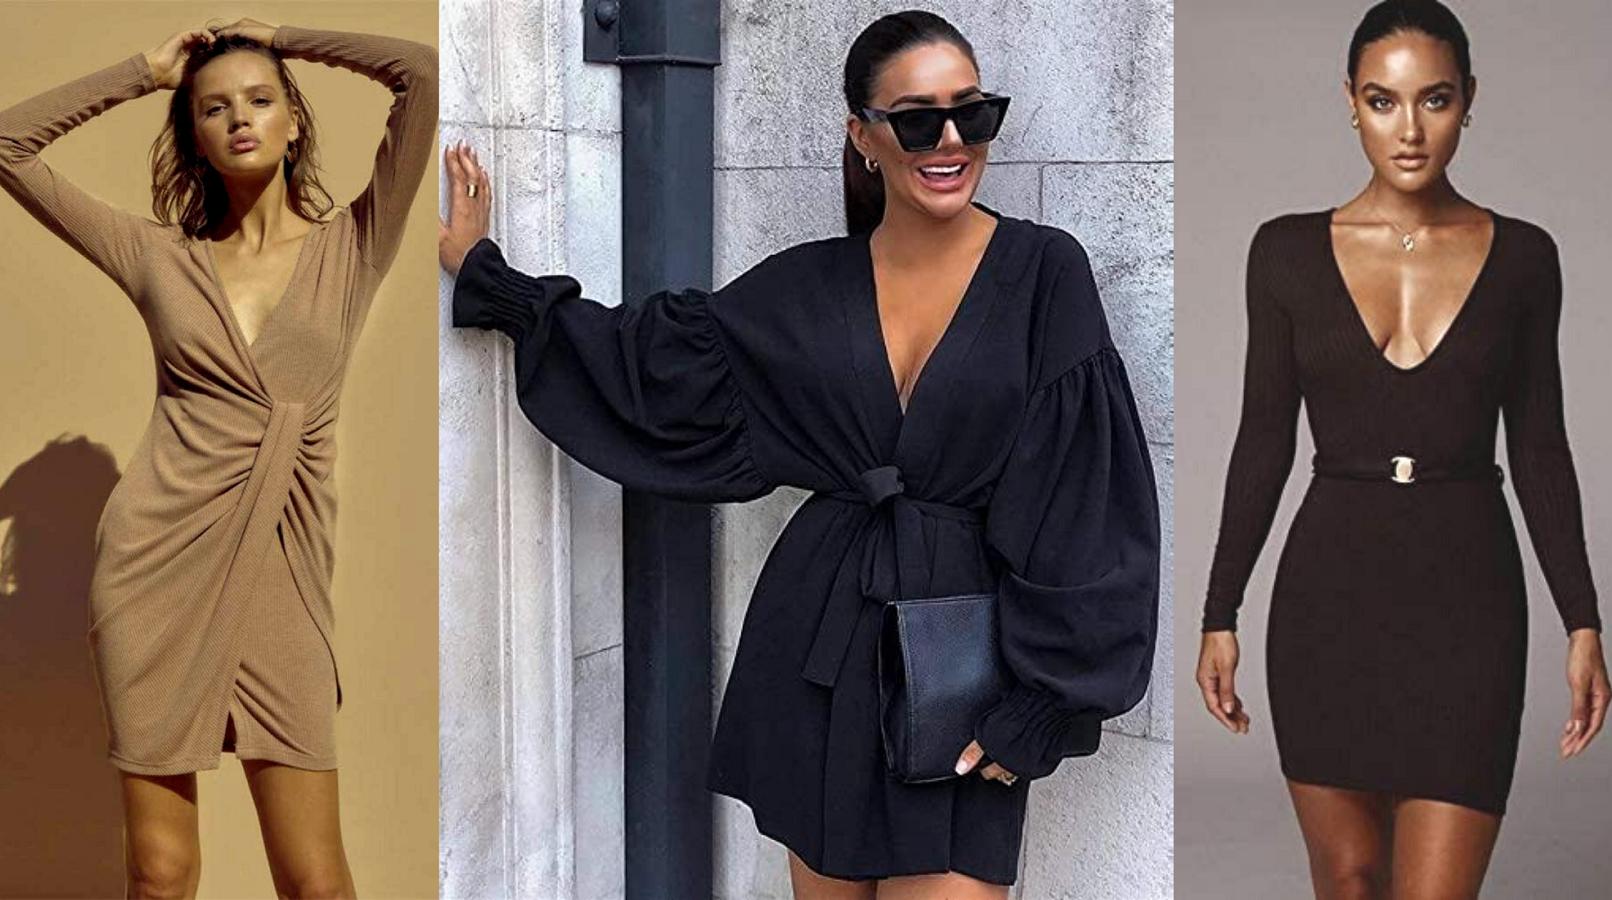 Guia de Tendencias Moda Mujer Otoño Invierno 2020. Vestidos Mujer con escote en V